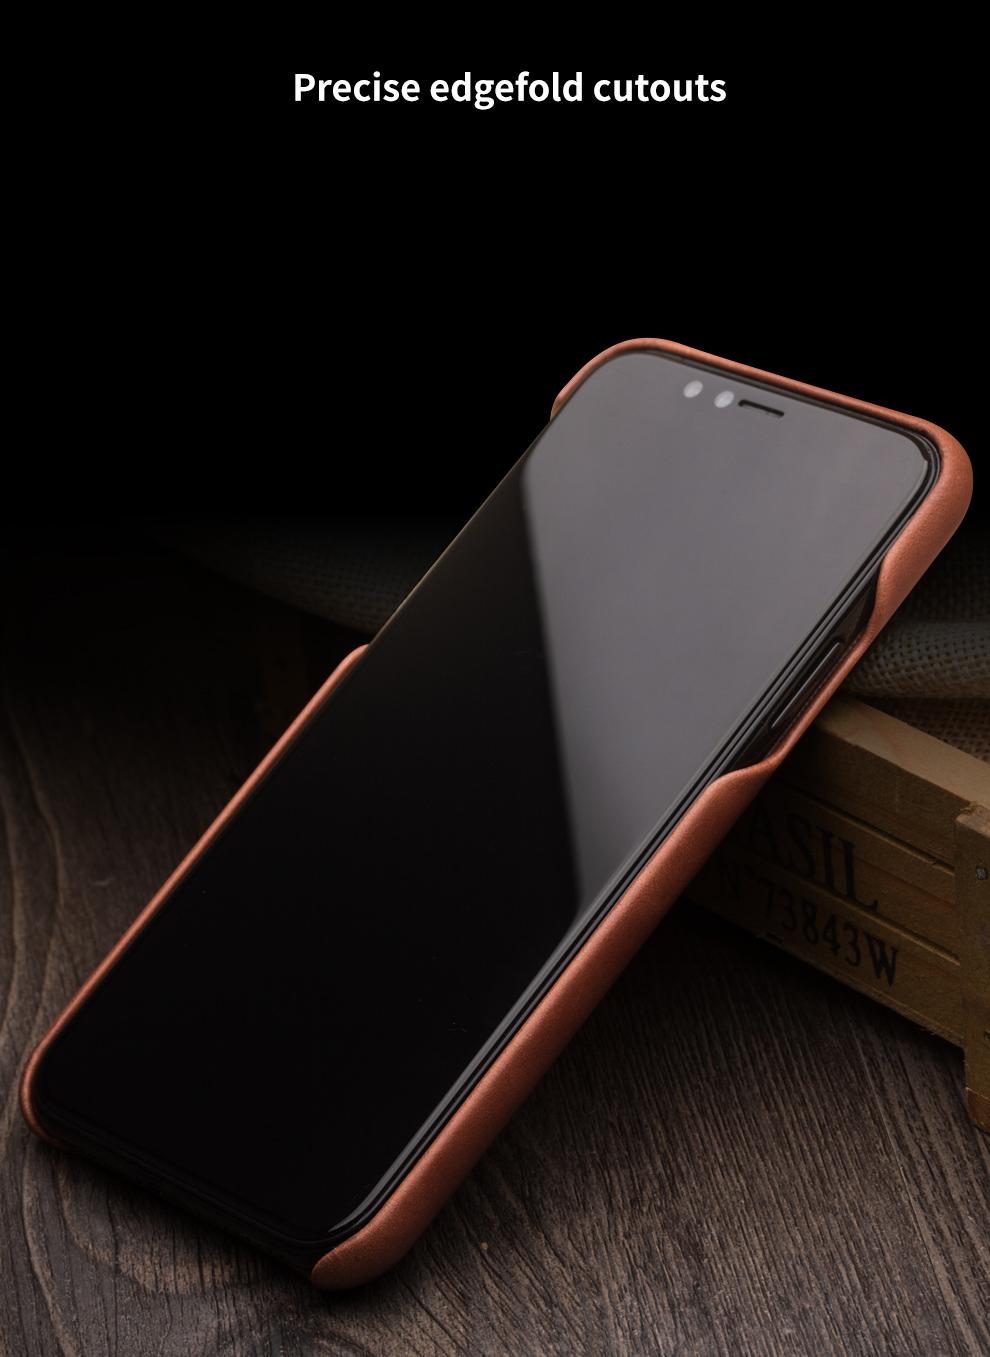 iphoneX-_09